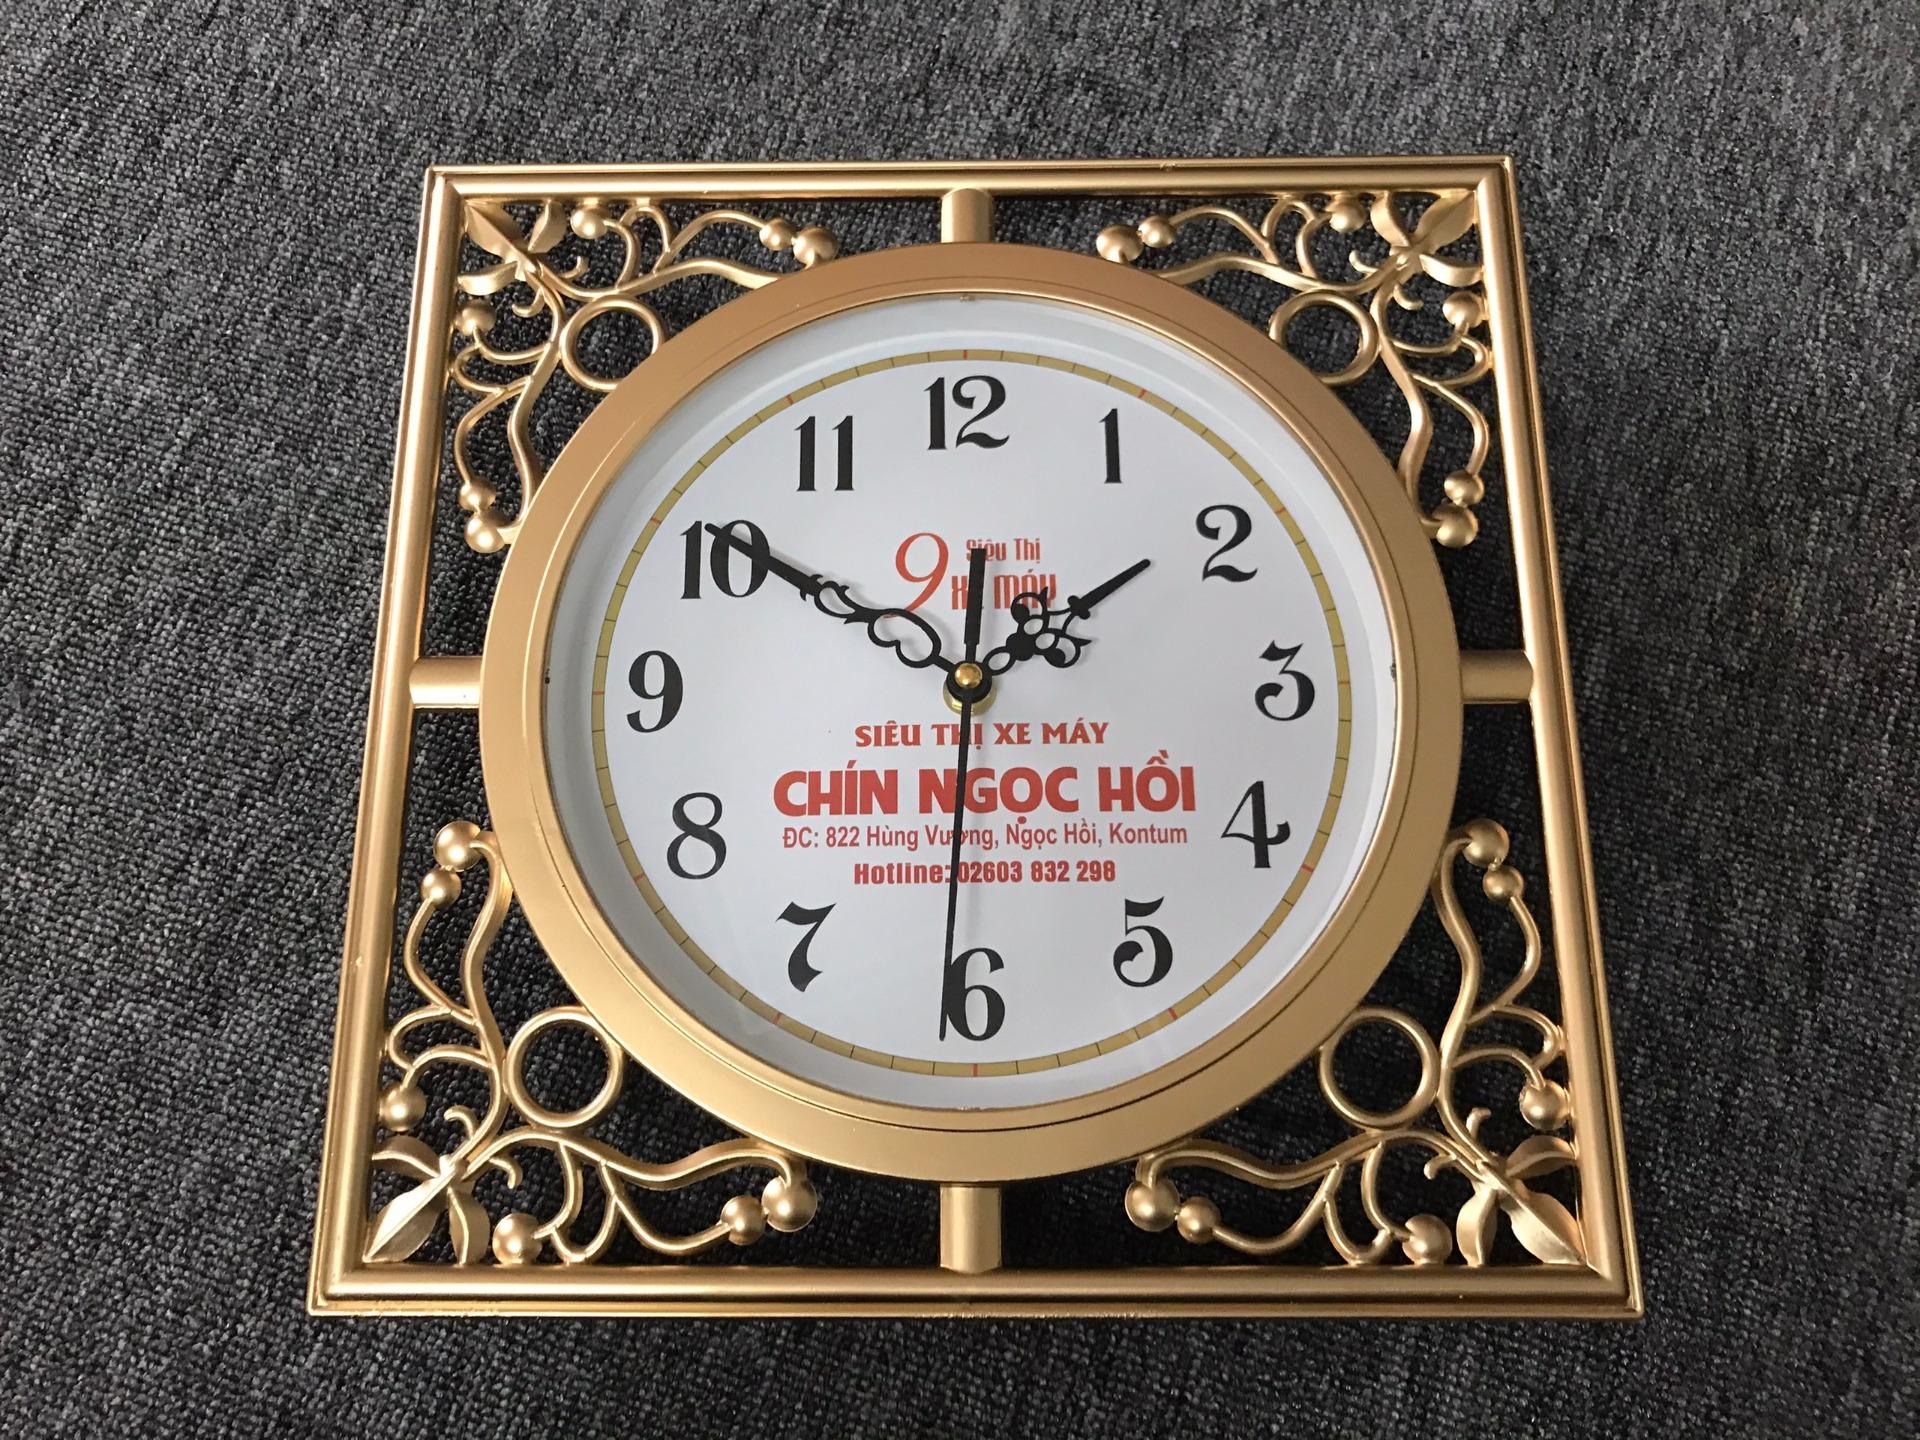 Sản xuất đồng hồ treo tường theo yêu cầu, đồng hồ in logo, tên công ty làm quà tặng